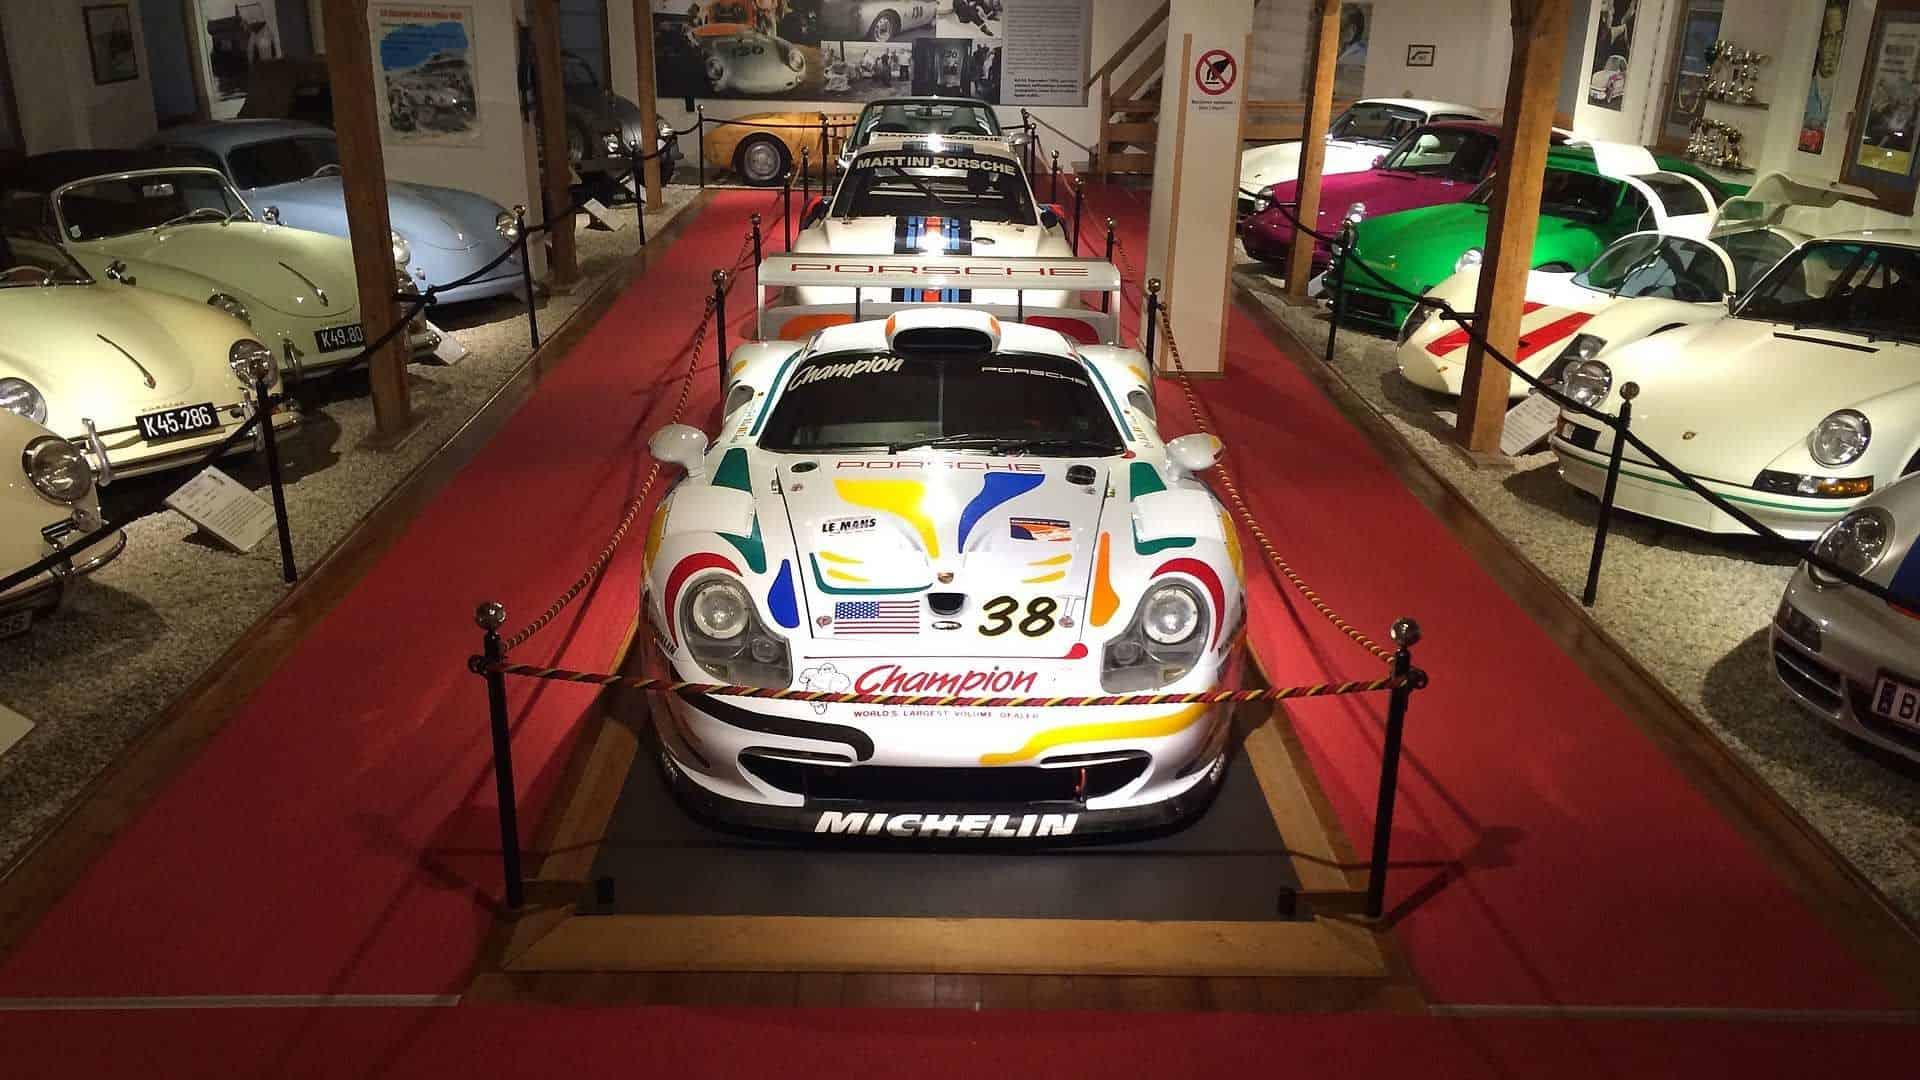 Porsche Automuseum in Gmünd - Winter Ausflugstipp in Kärnten